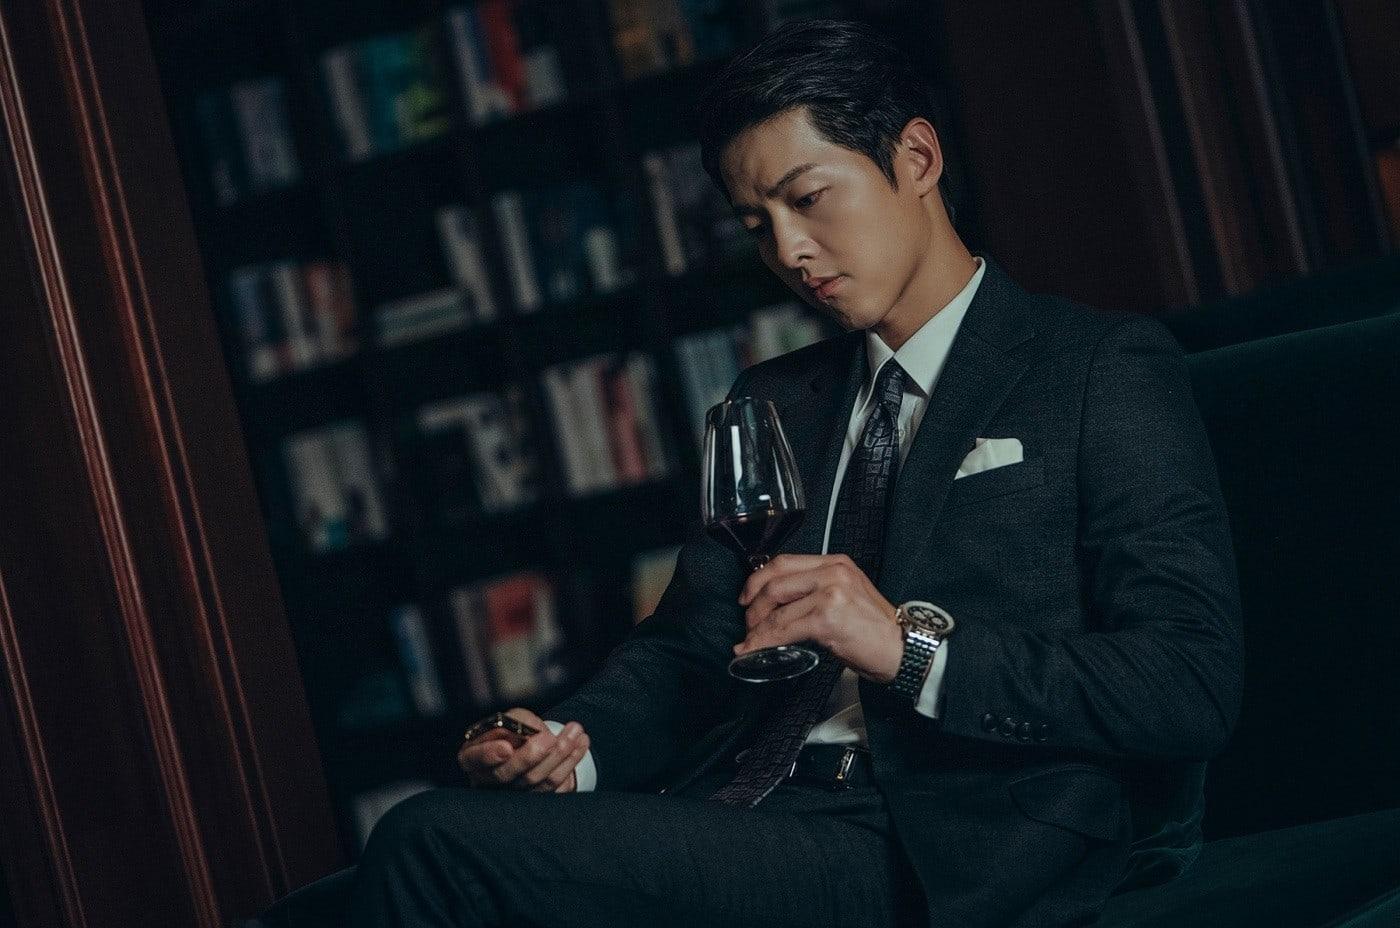 cảnh quay biểu tượng với chiếc zippo của Song Joong Ki trong Vincenzo